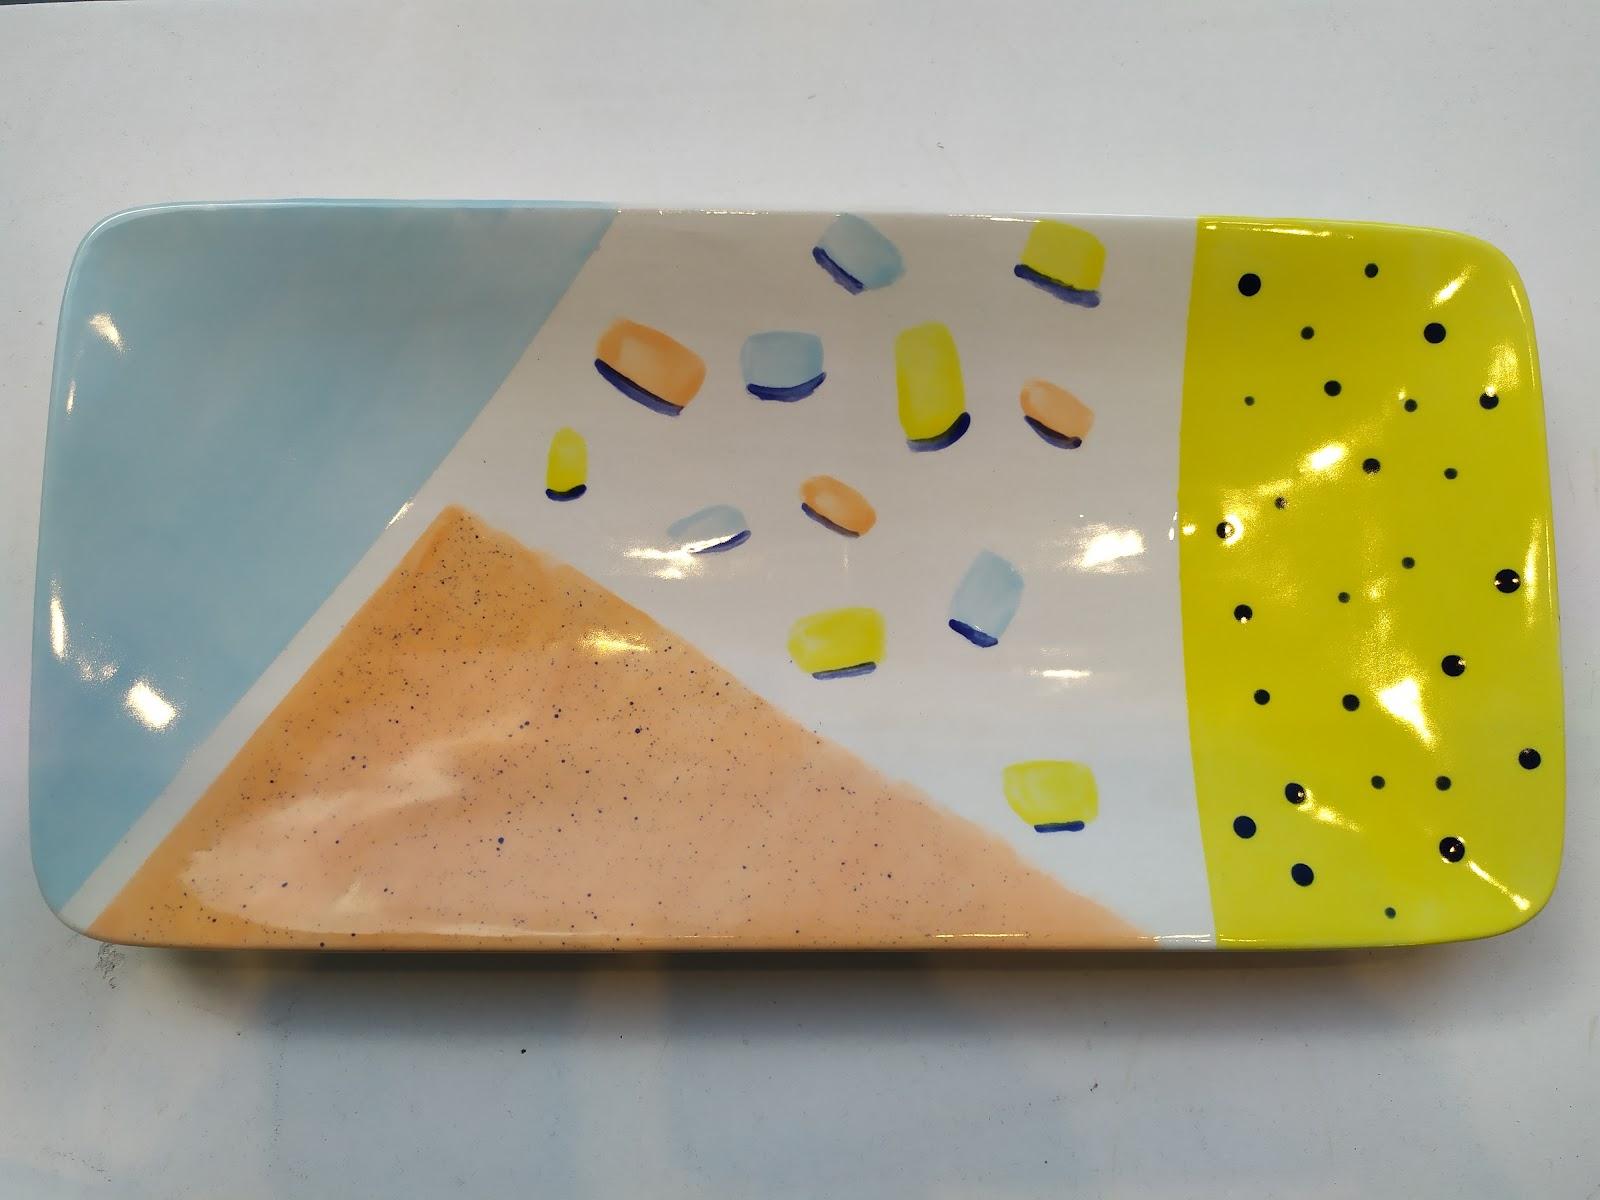 Peinture sur faïence réalisée avec du papier cache chez Cwtch Atelier Céramique